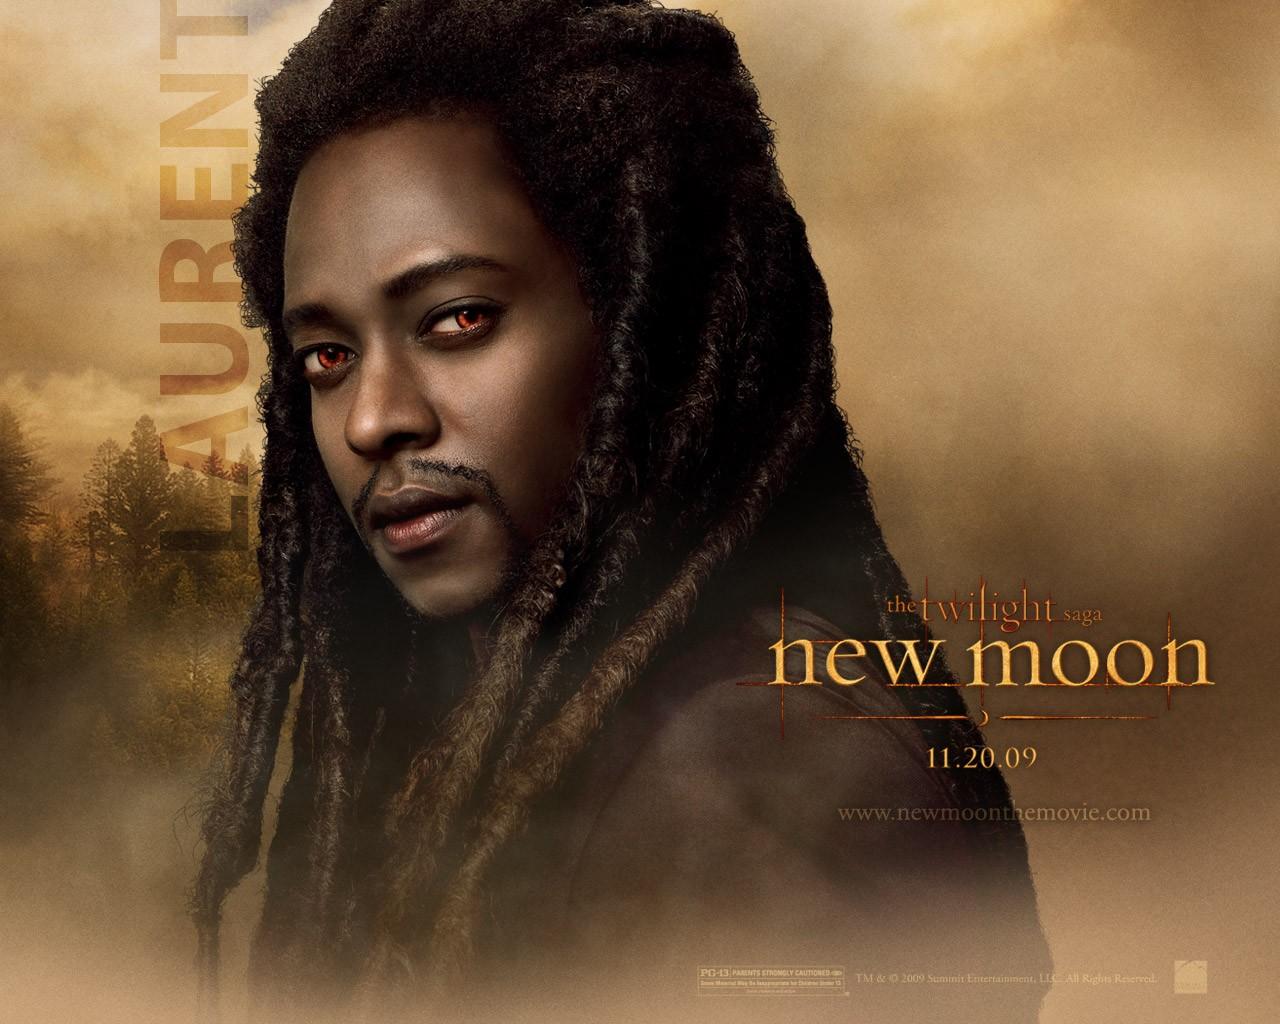 Un wallpaper dedicato al personaggio di Laurent (Edi Gathegi) per il film Twilight Saga: New Moon